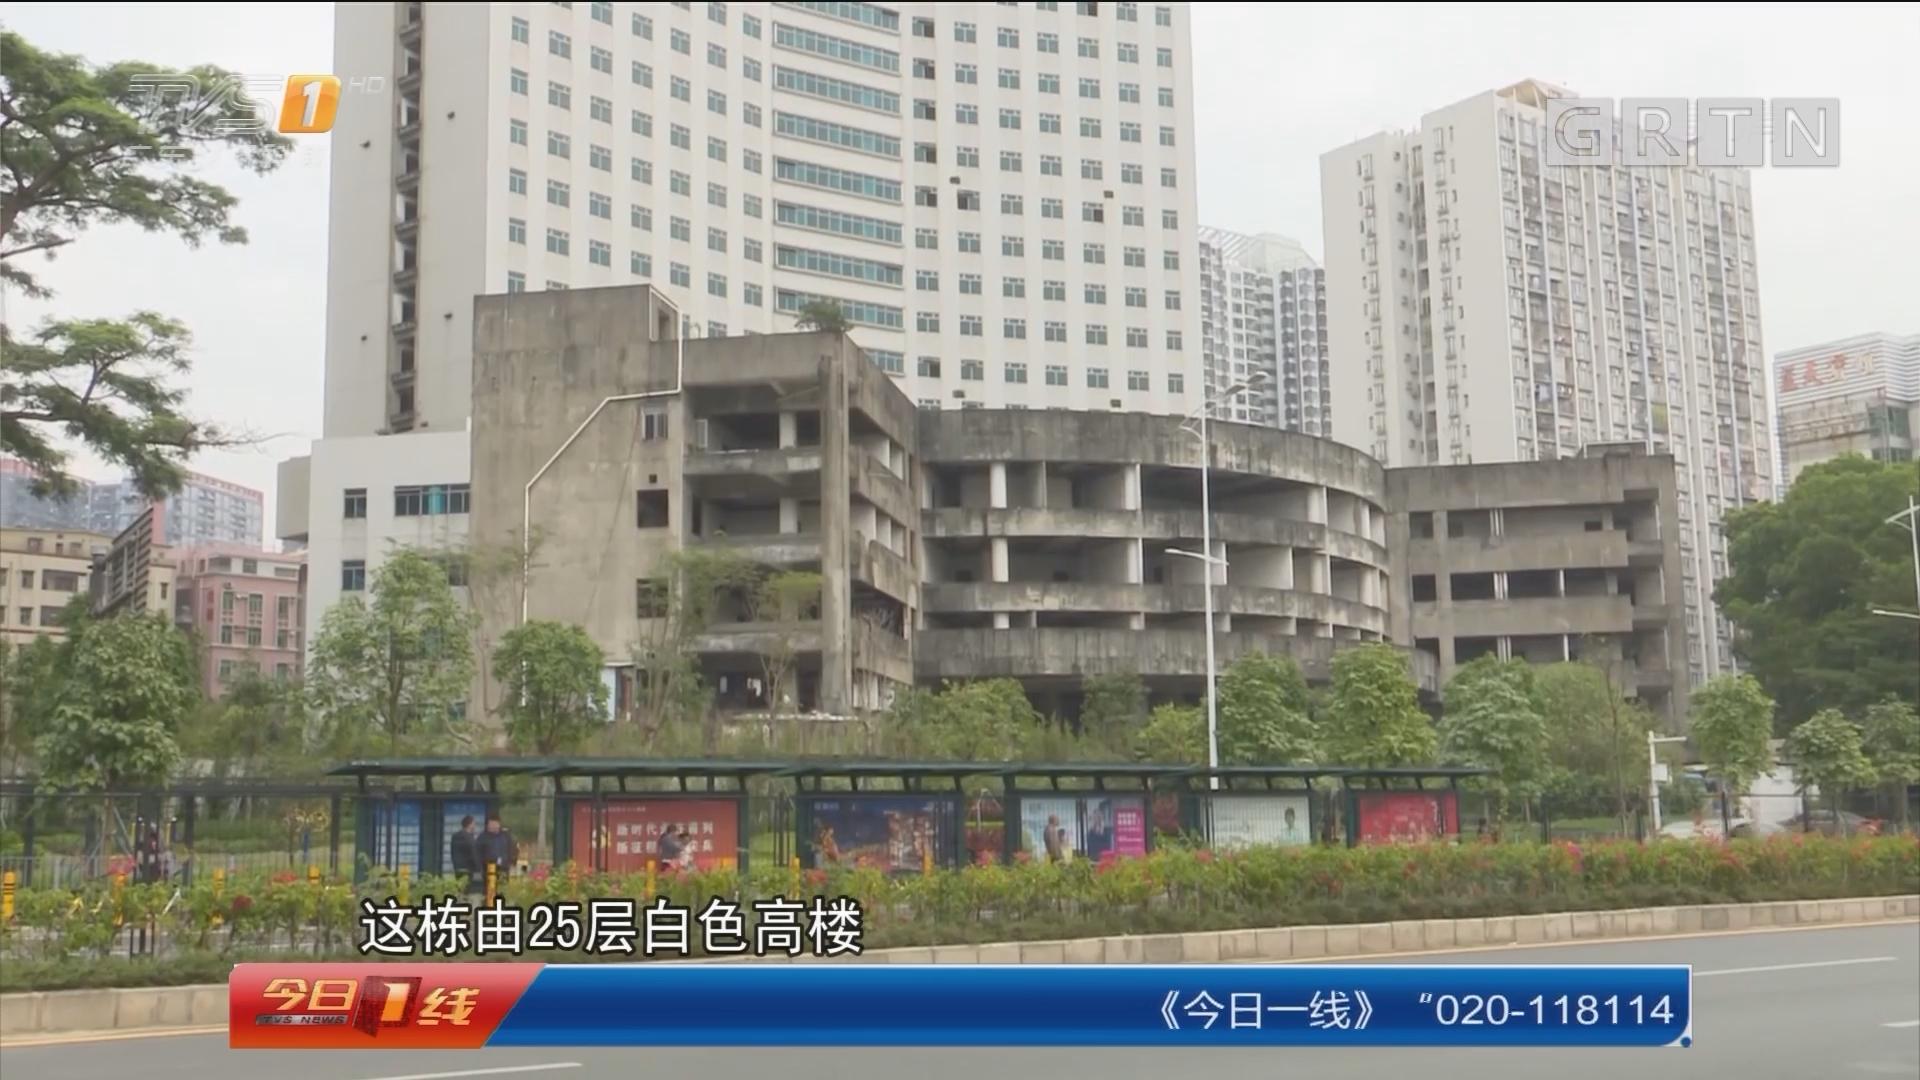 深圳:危险烂尾楼 有人拖家带口入住?